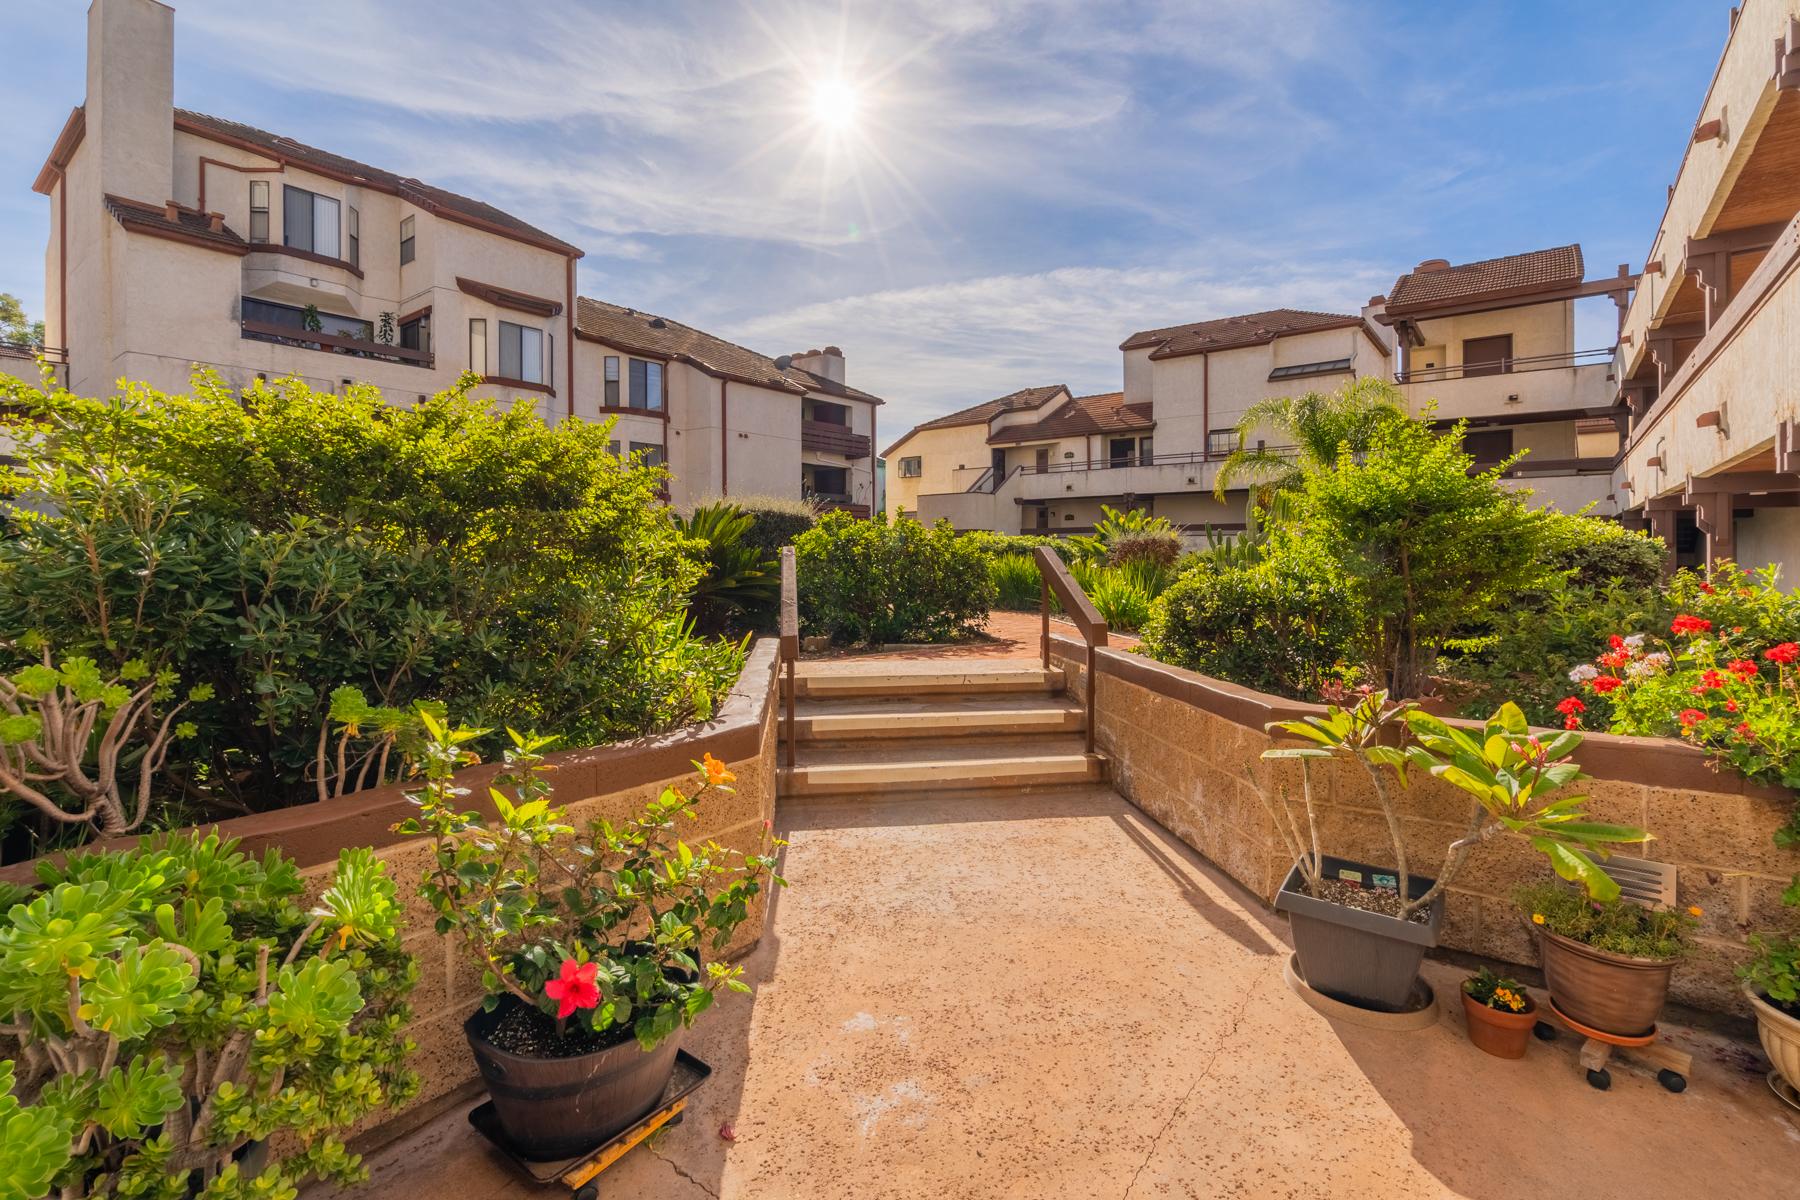 Condominiums para Venda às Parkwoods at the Village 376 Center Street 220, Chula Vista, Califórnia 91910 Estados Unidos